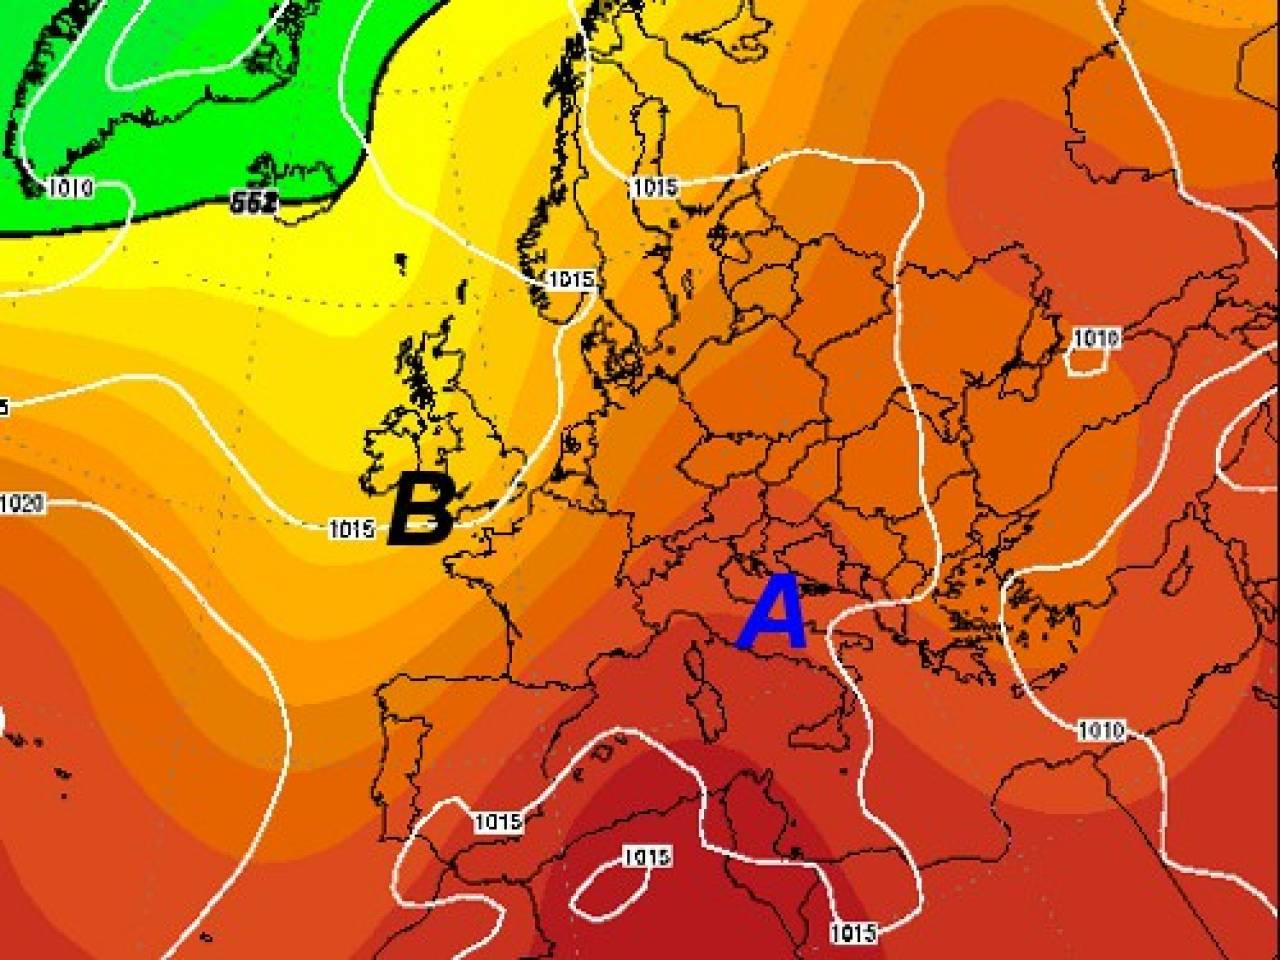 Meteo. Eco come sarà il tempo a Pasqua e nell'estate 2019: da maggio caldo torrido. Ad agosto temporali e temperature basse